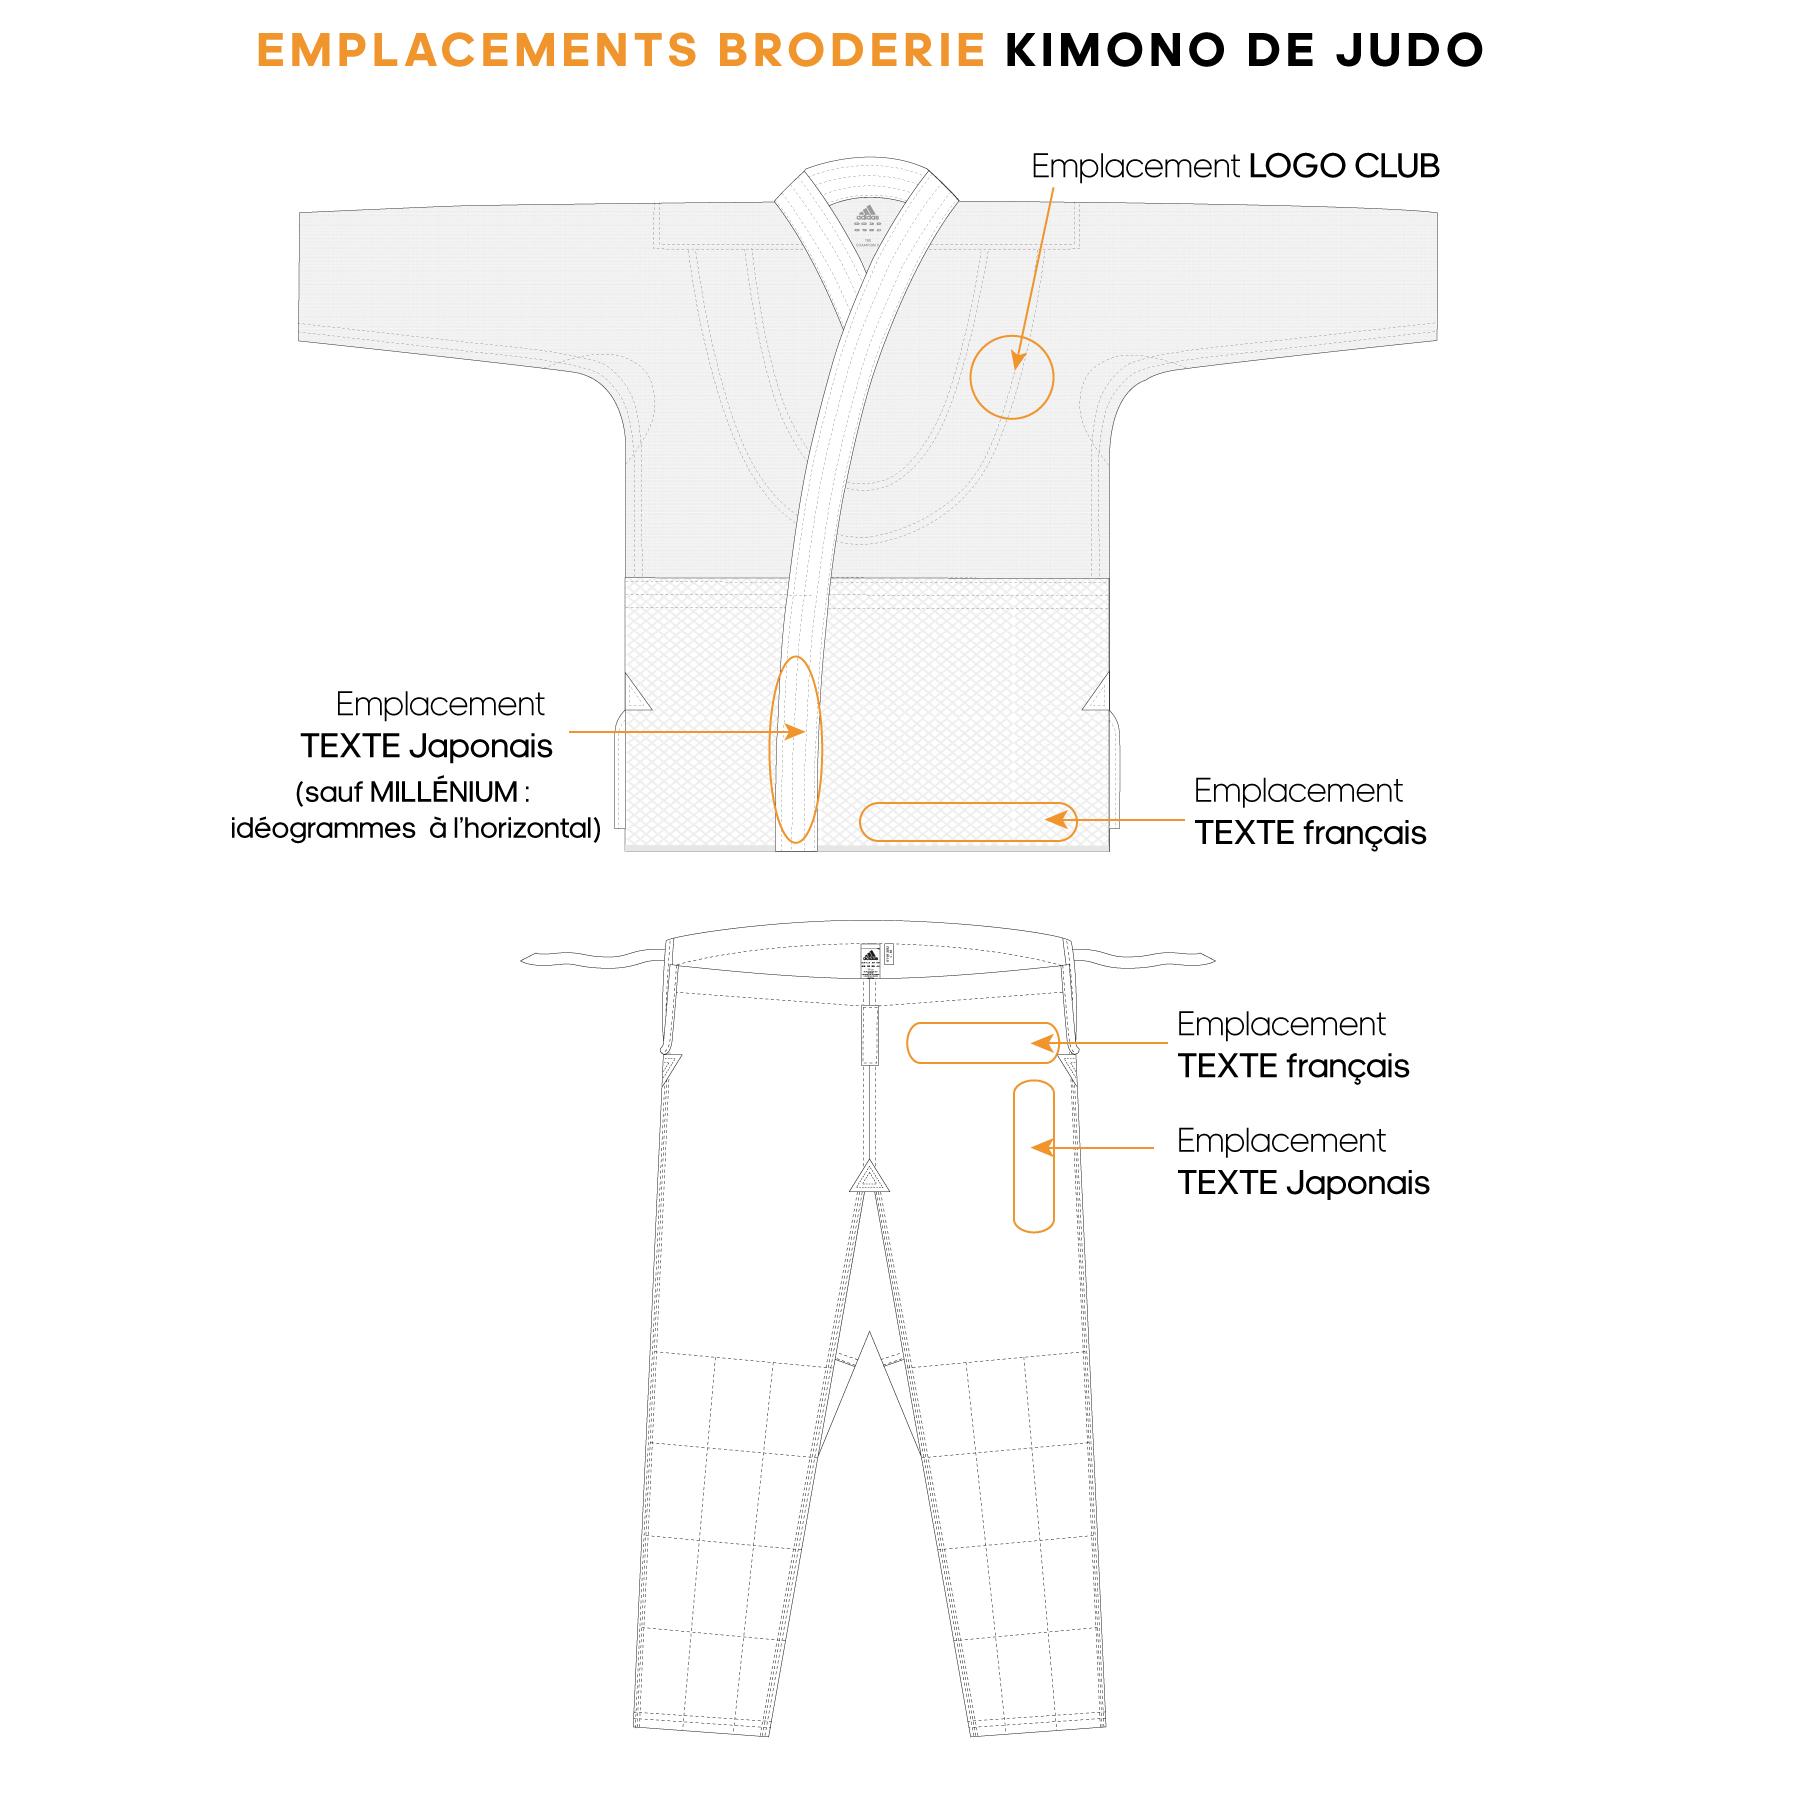 De Adidas Judo Judo Kimono De Adidas Kimono Kimono Judo Initiation De Initiation kXnwOP80